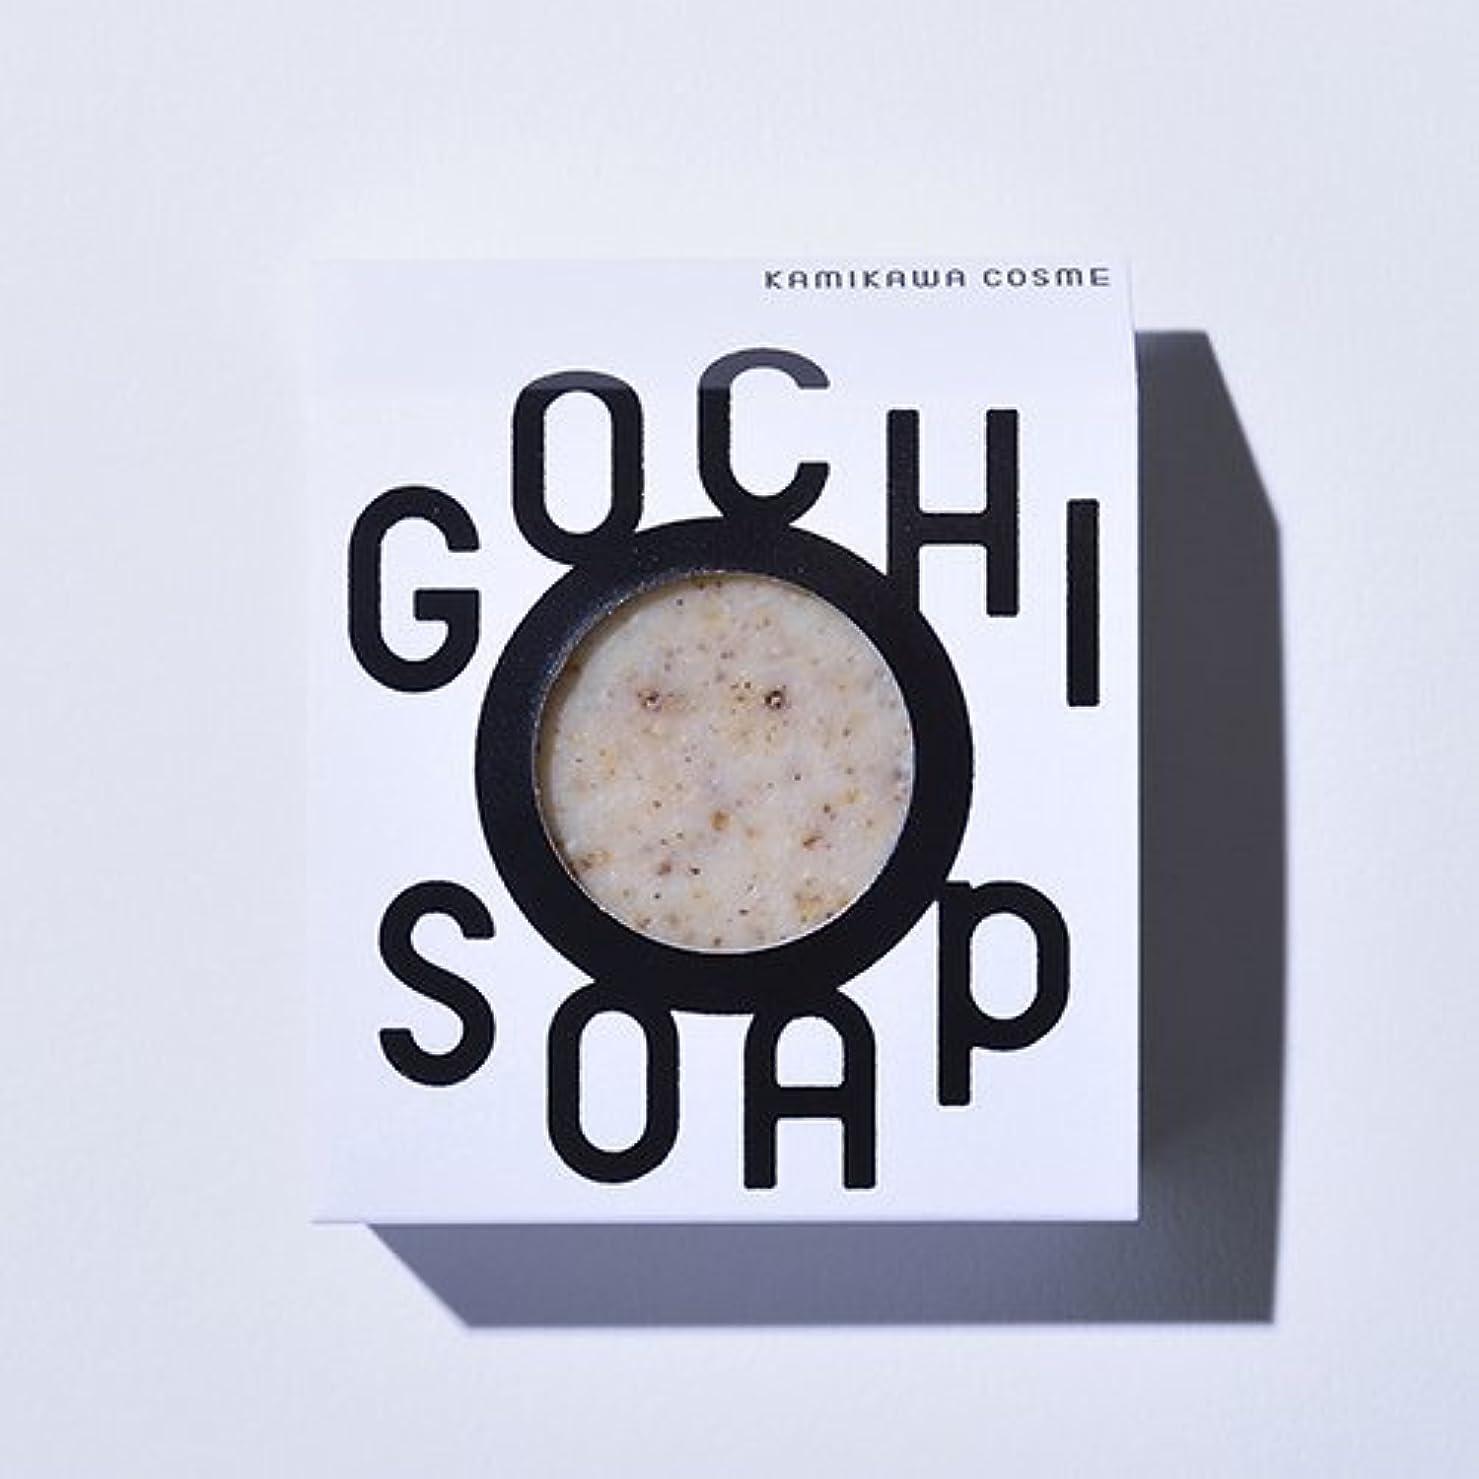 映画アーティファクトドームGOCHI SOAP ゴチソープ 上森米穀店の焙煎黒米ソープ